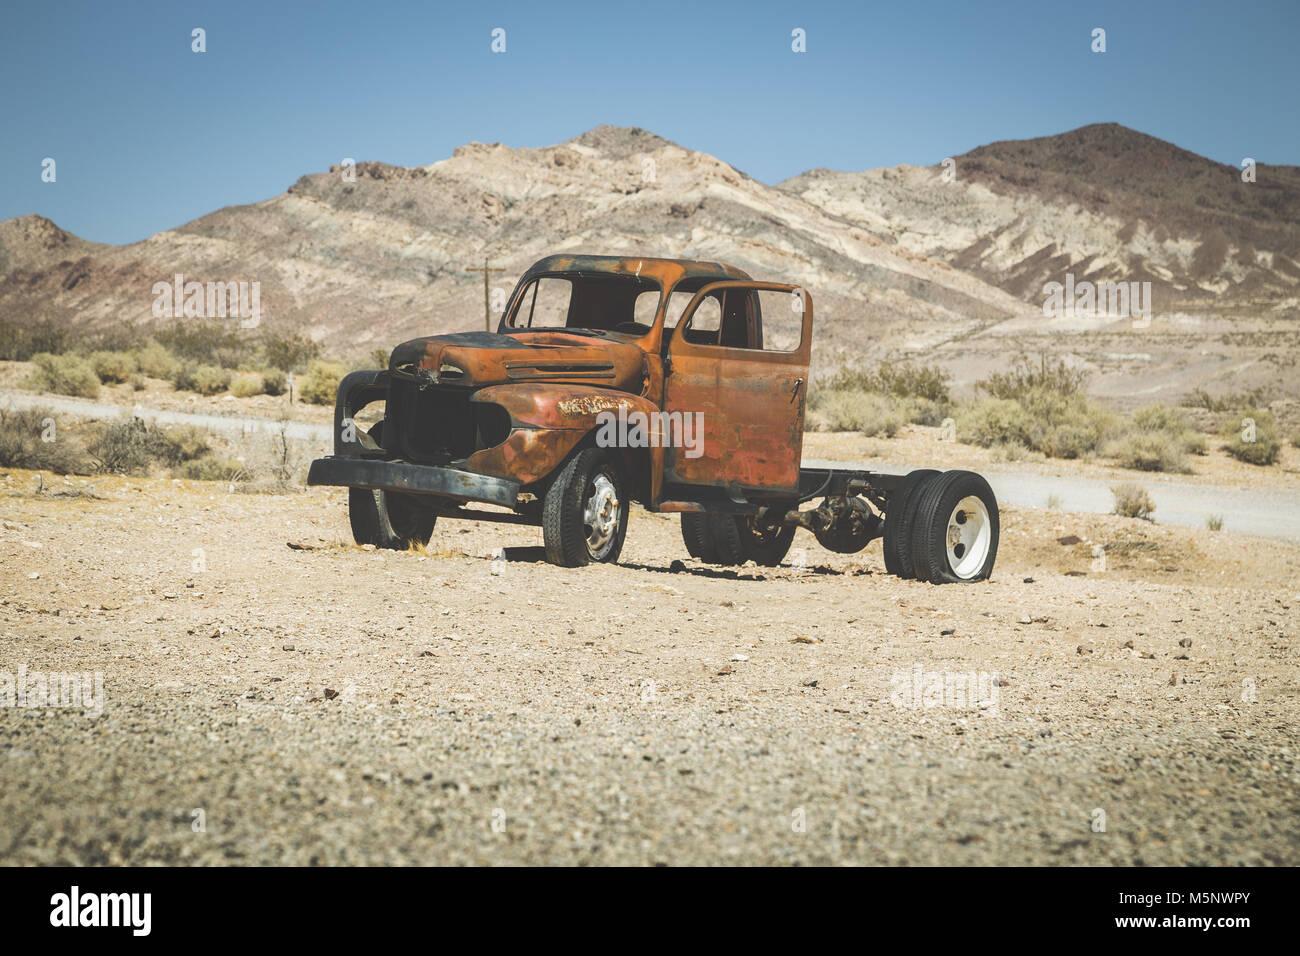 Vista clásica de una vieja camioneta oxidada de un accidente automovilístico en el desierto, en un hermoso día soleado con el cielo azul en verano con filtro vintage retro, EE.UU. Foto de stock